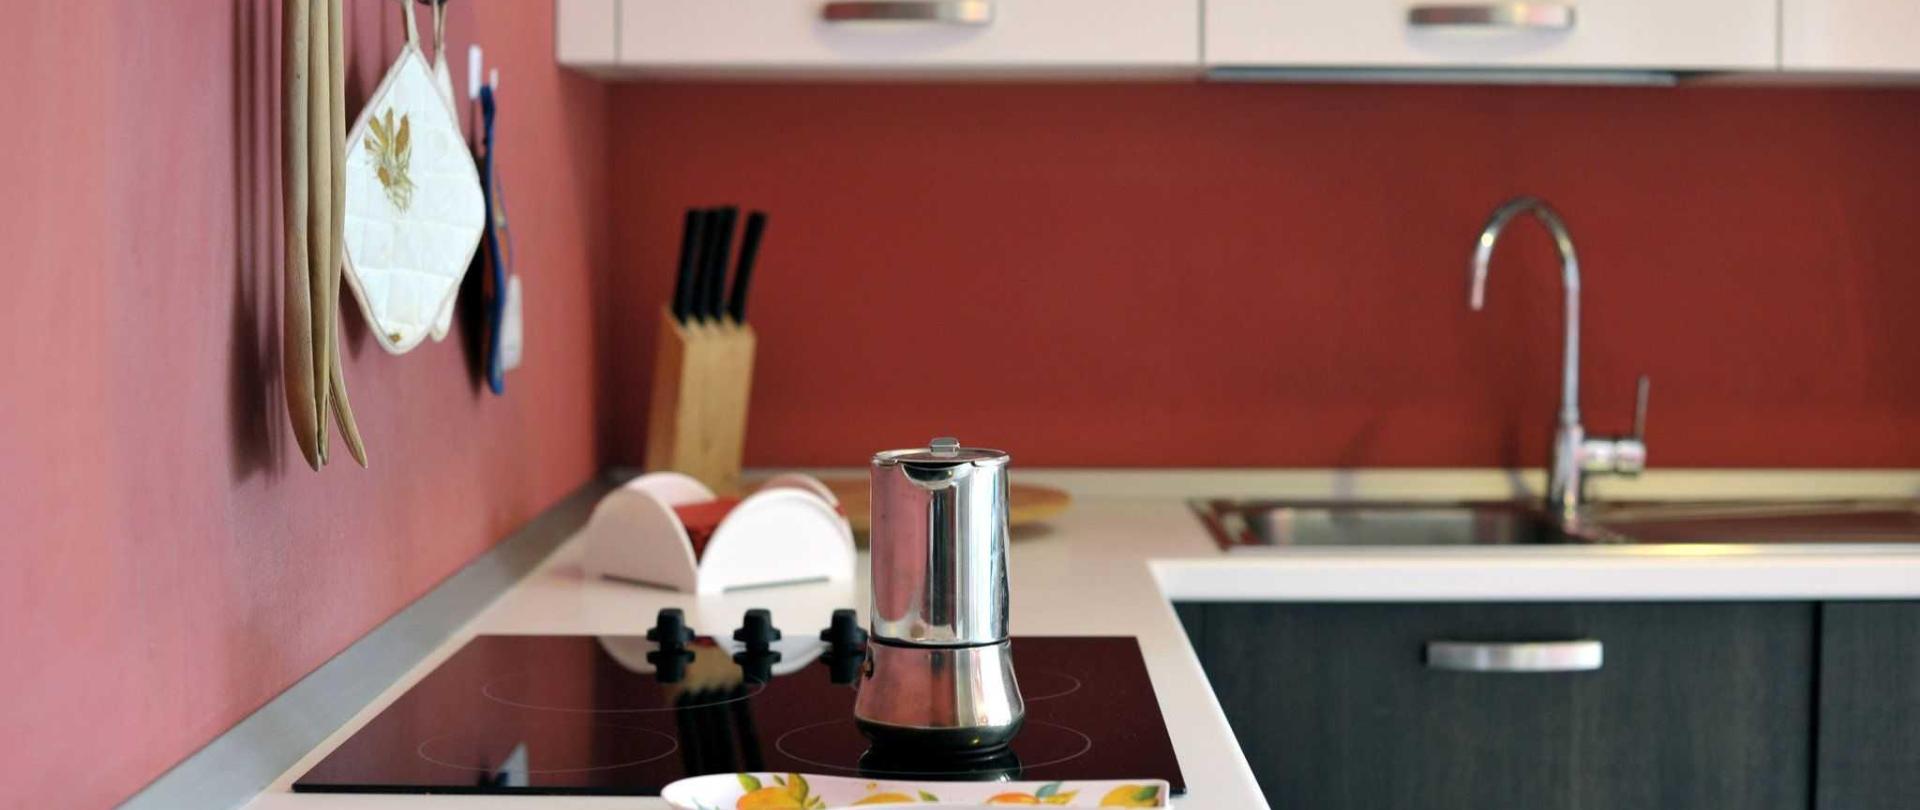 la-sosta_cucina2-1.JPG